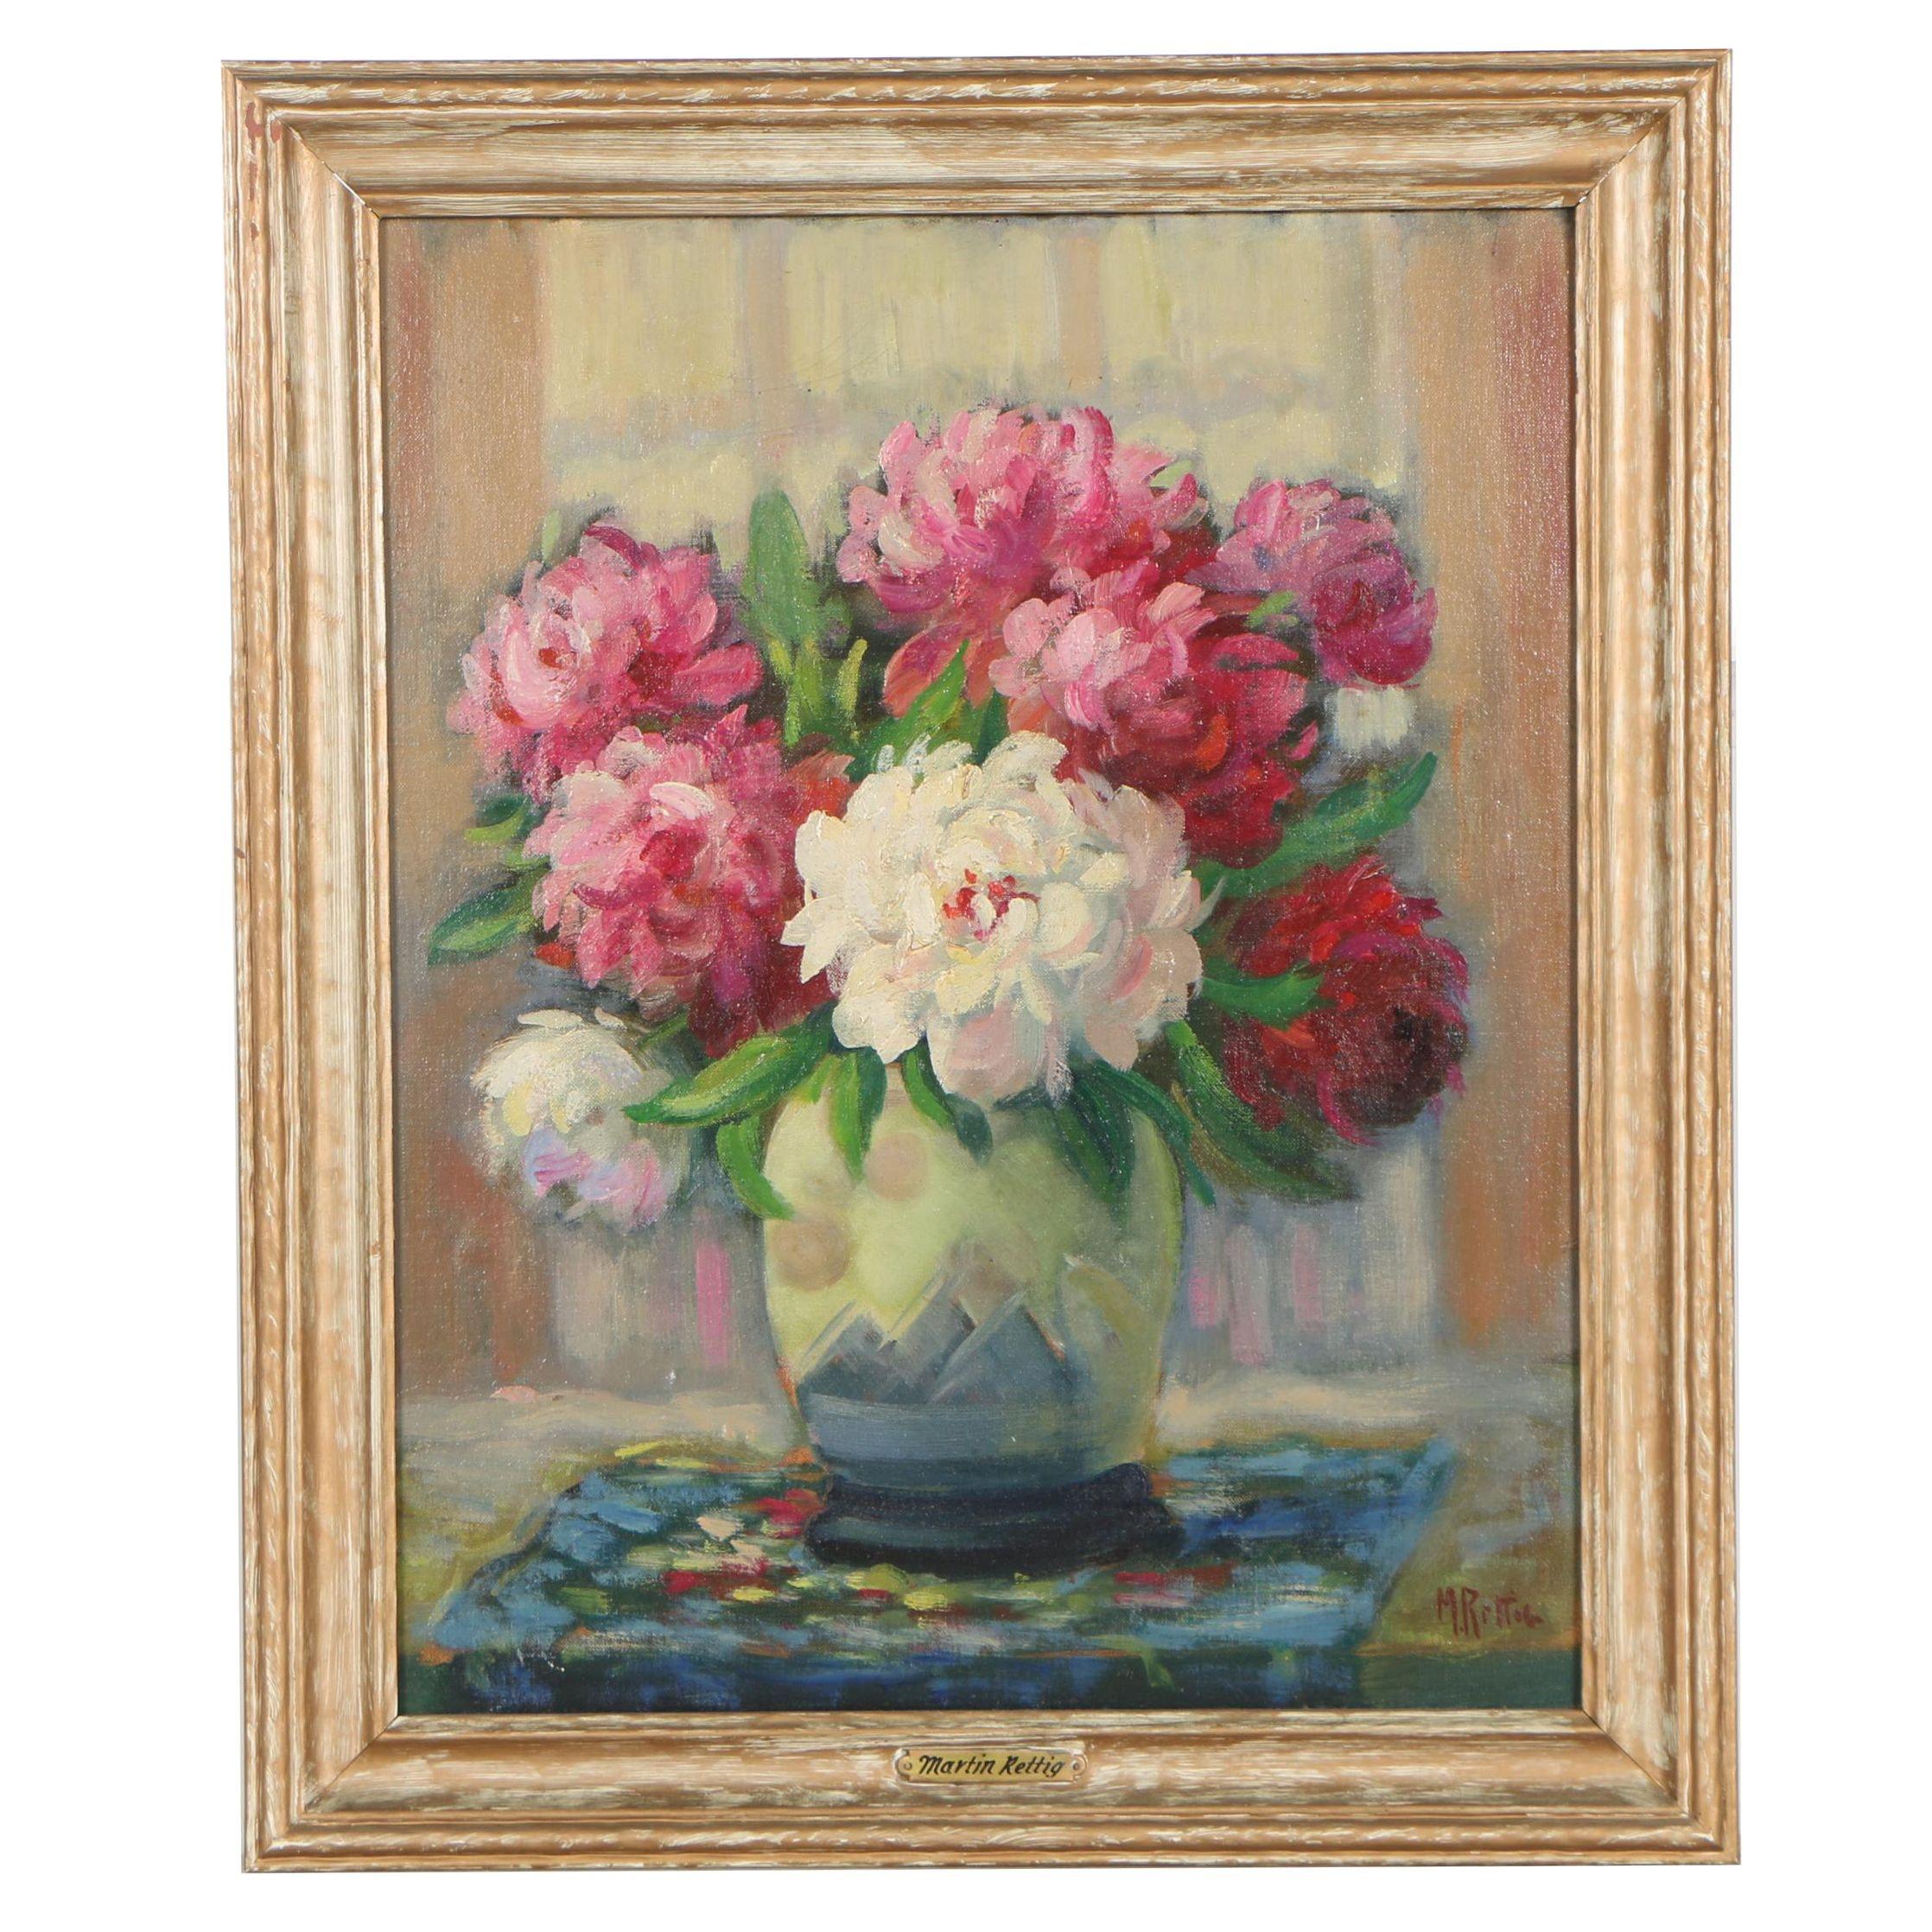 Martin Rettig Floral Still Life Oil Painting